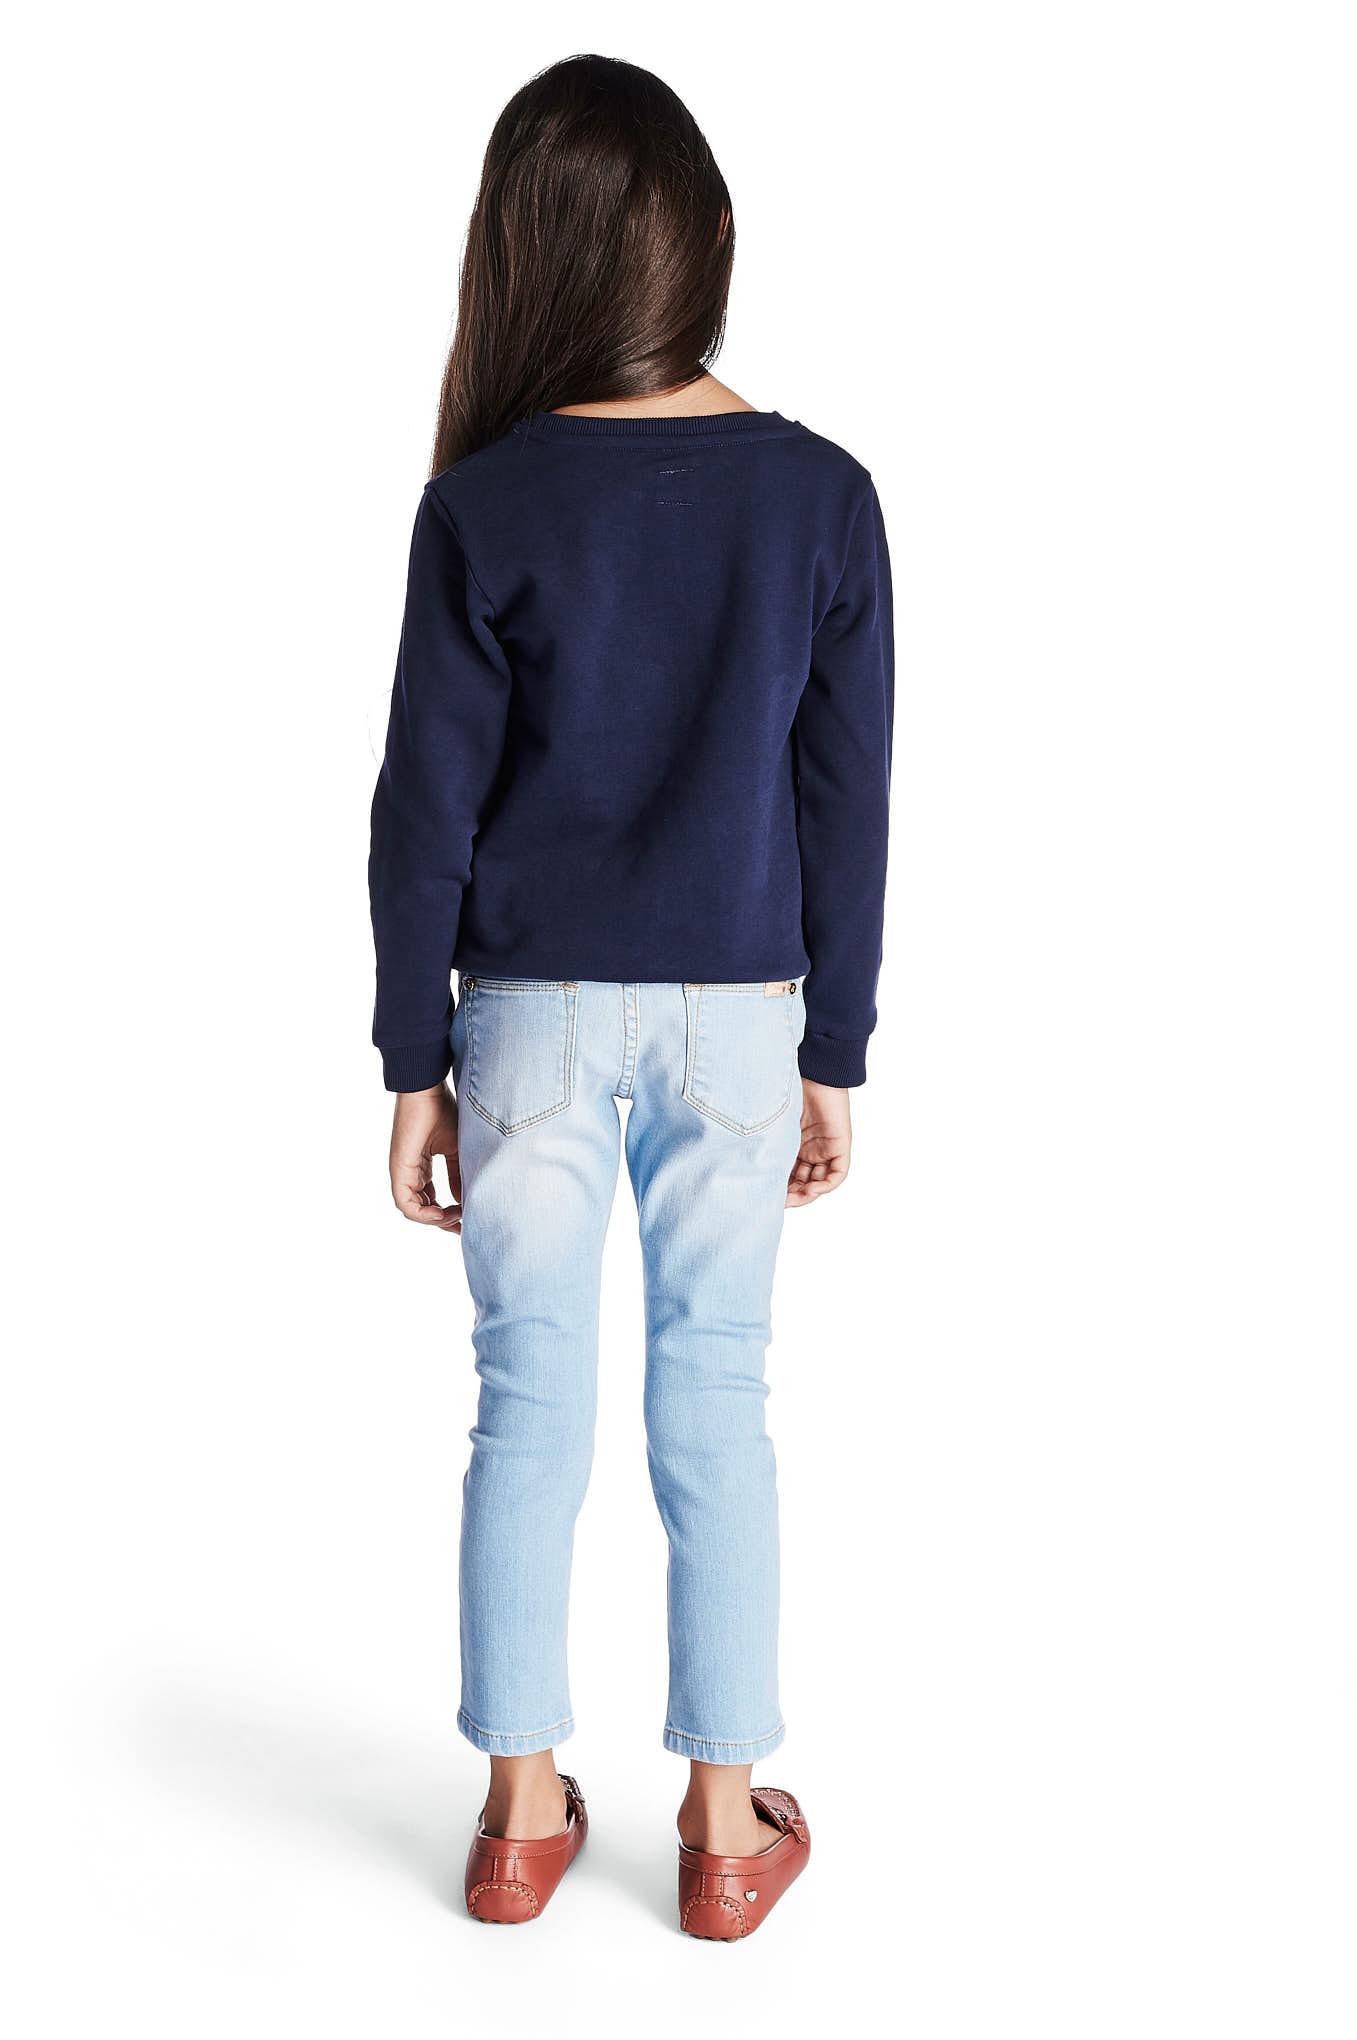 Sweatshirt Azul Escuro Casual Rapariga